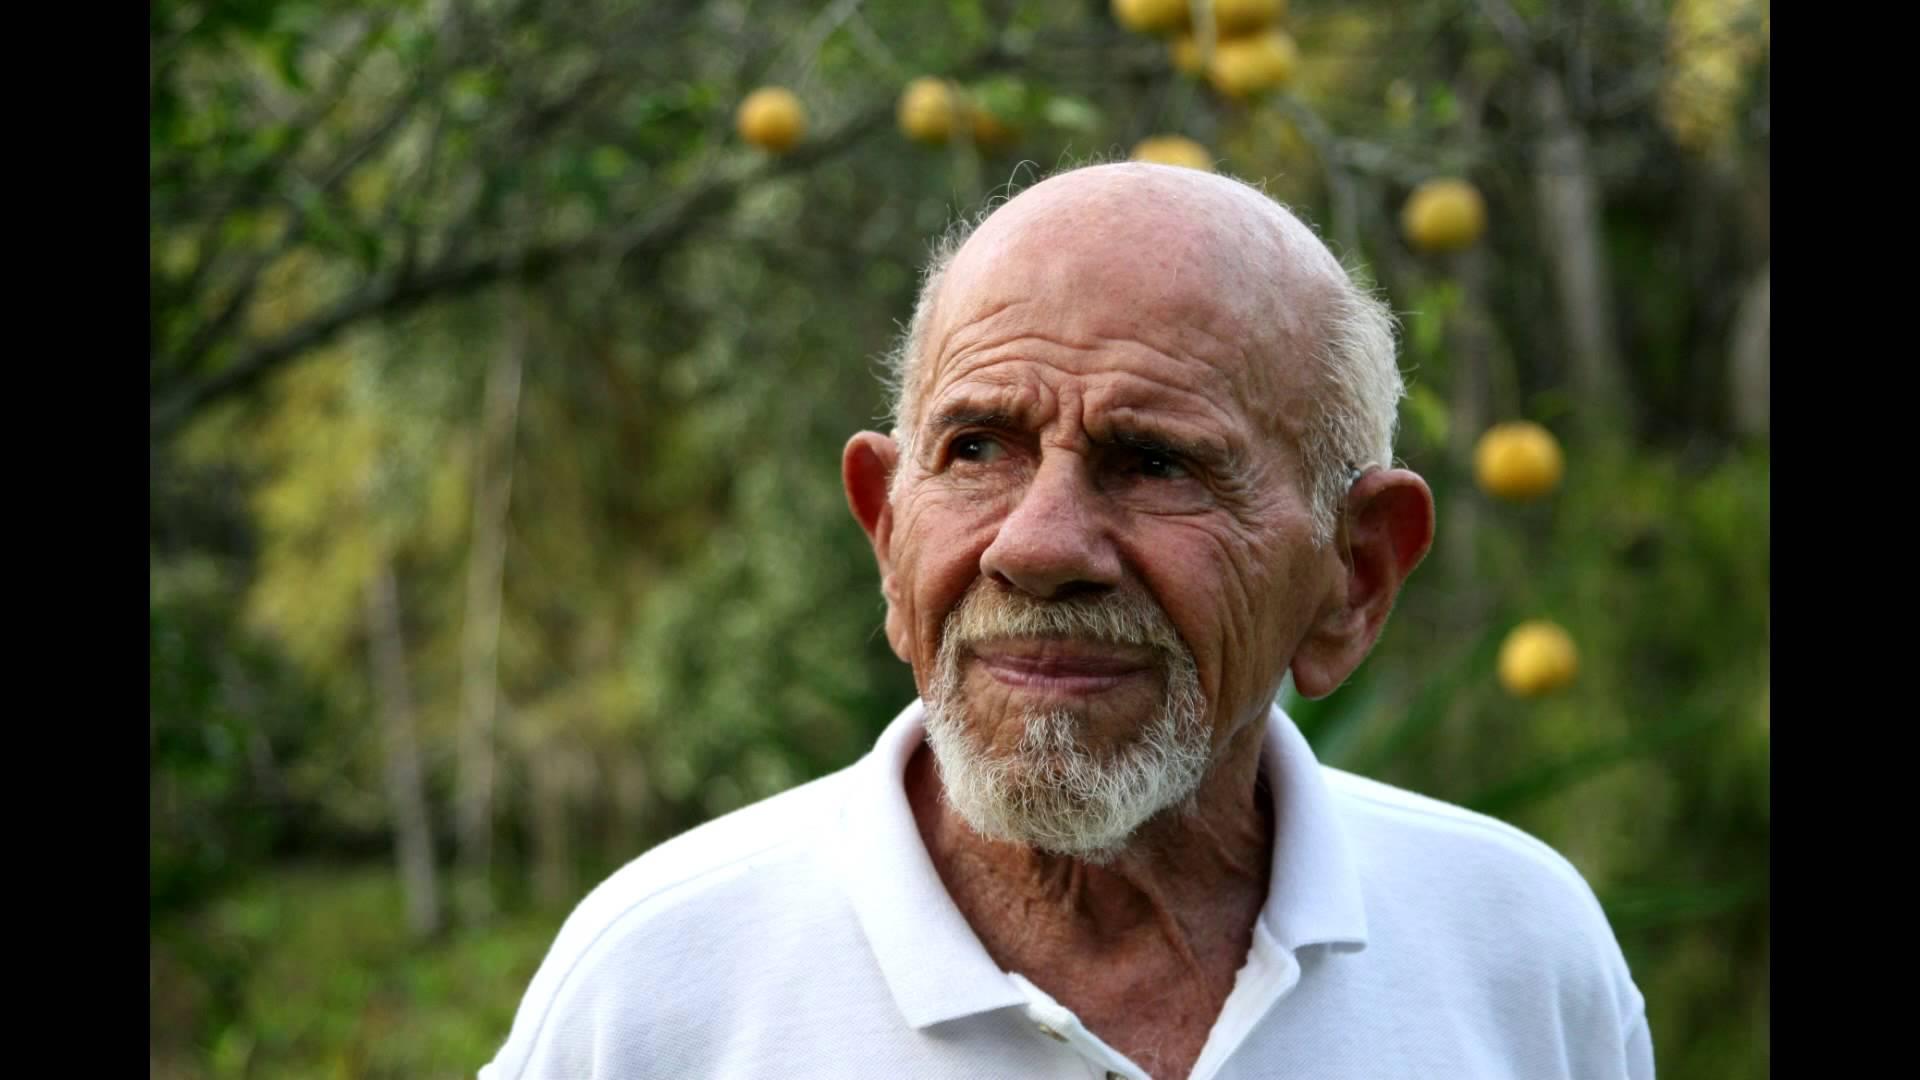 Фреско умер 18 мая 2017 года во время сна в своём доме в Себринге, Флорида от осложнений болезни Паркинсона в возрасте 101 года.